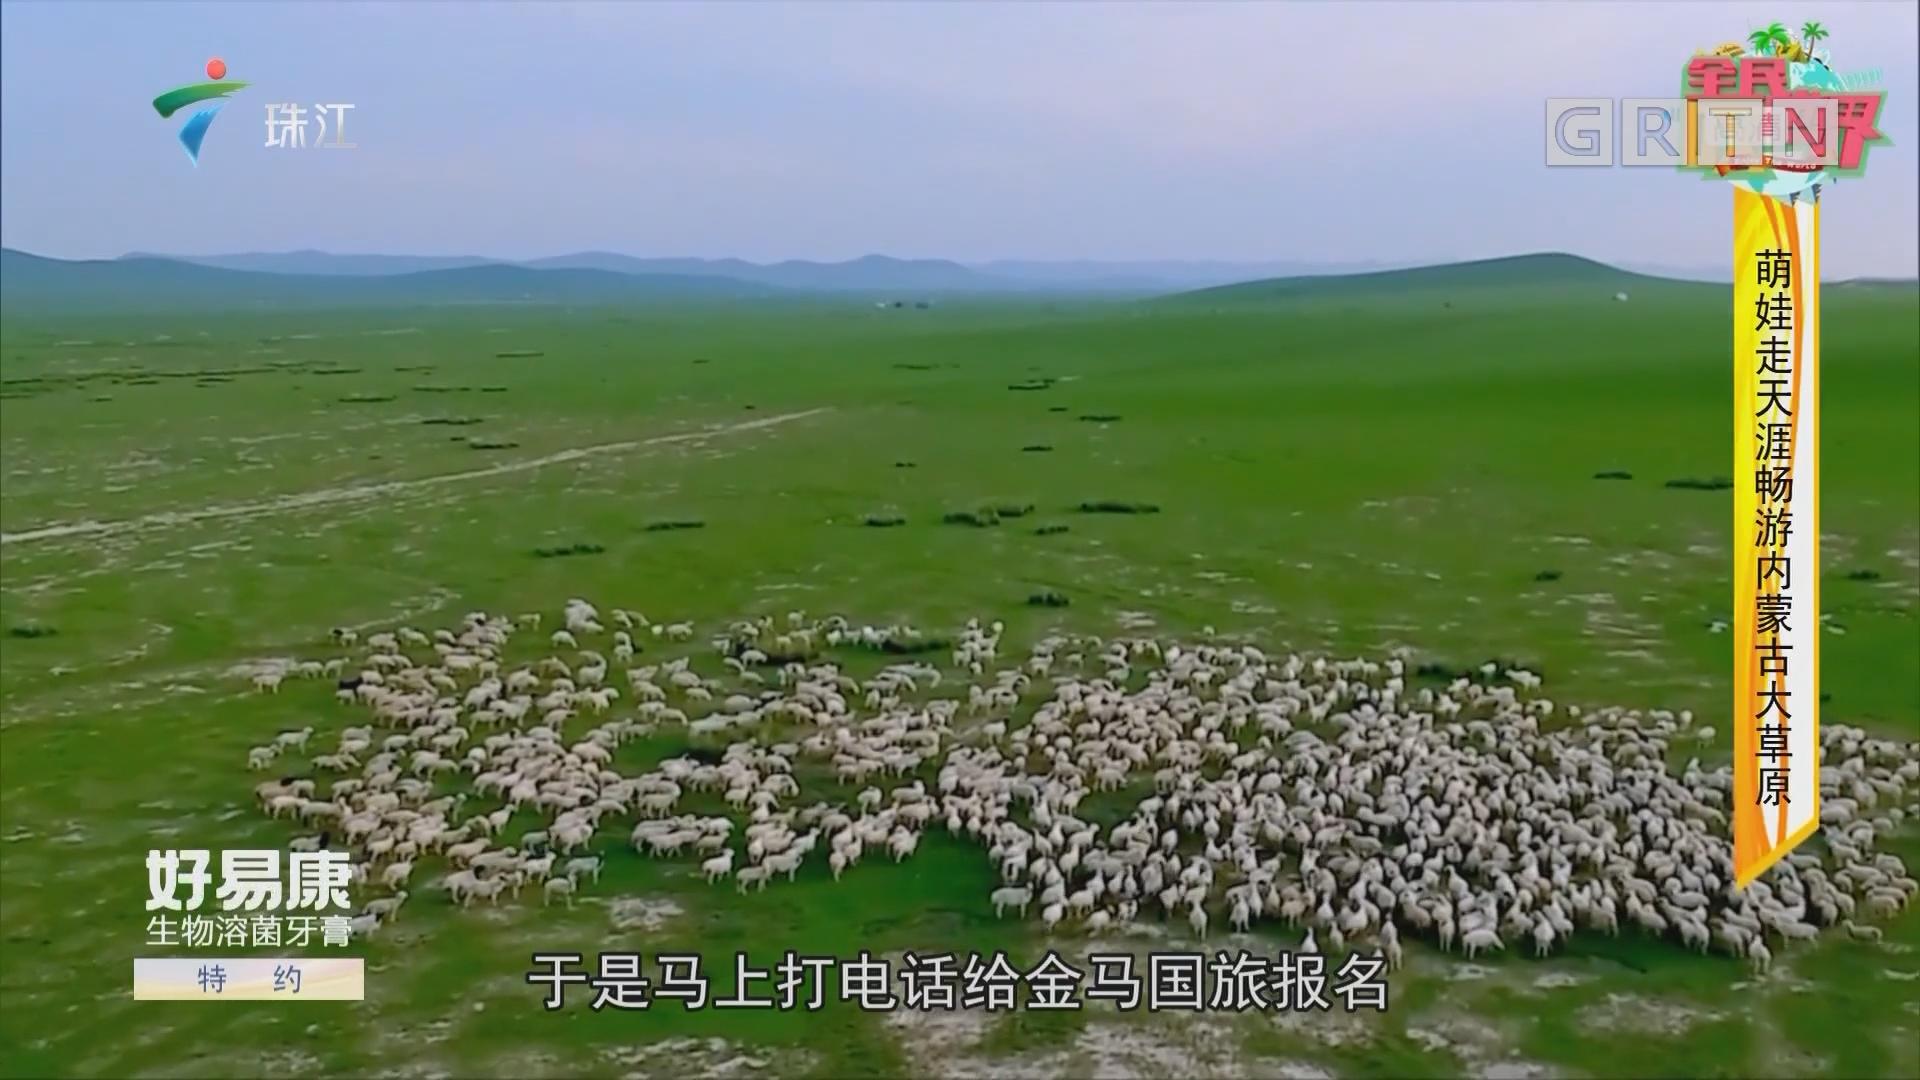 [HD][2019-06-28]全民叹世界:萌娃走天涯畅游内蒙古大草原